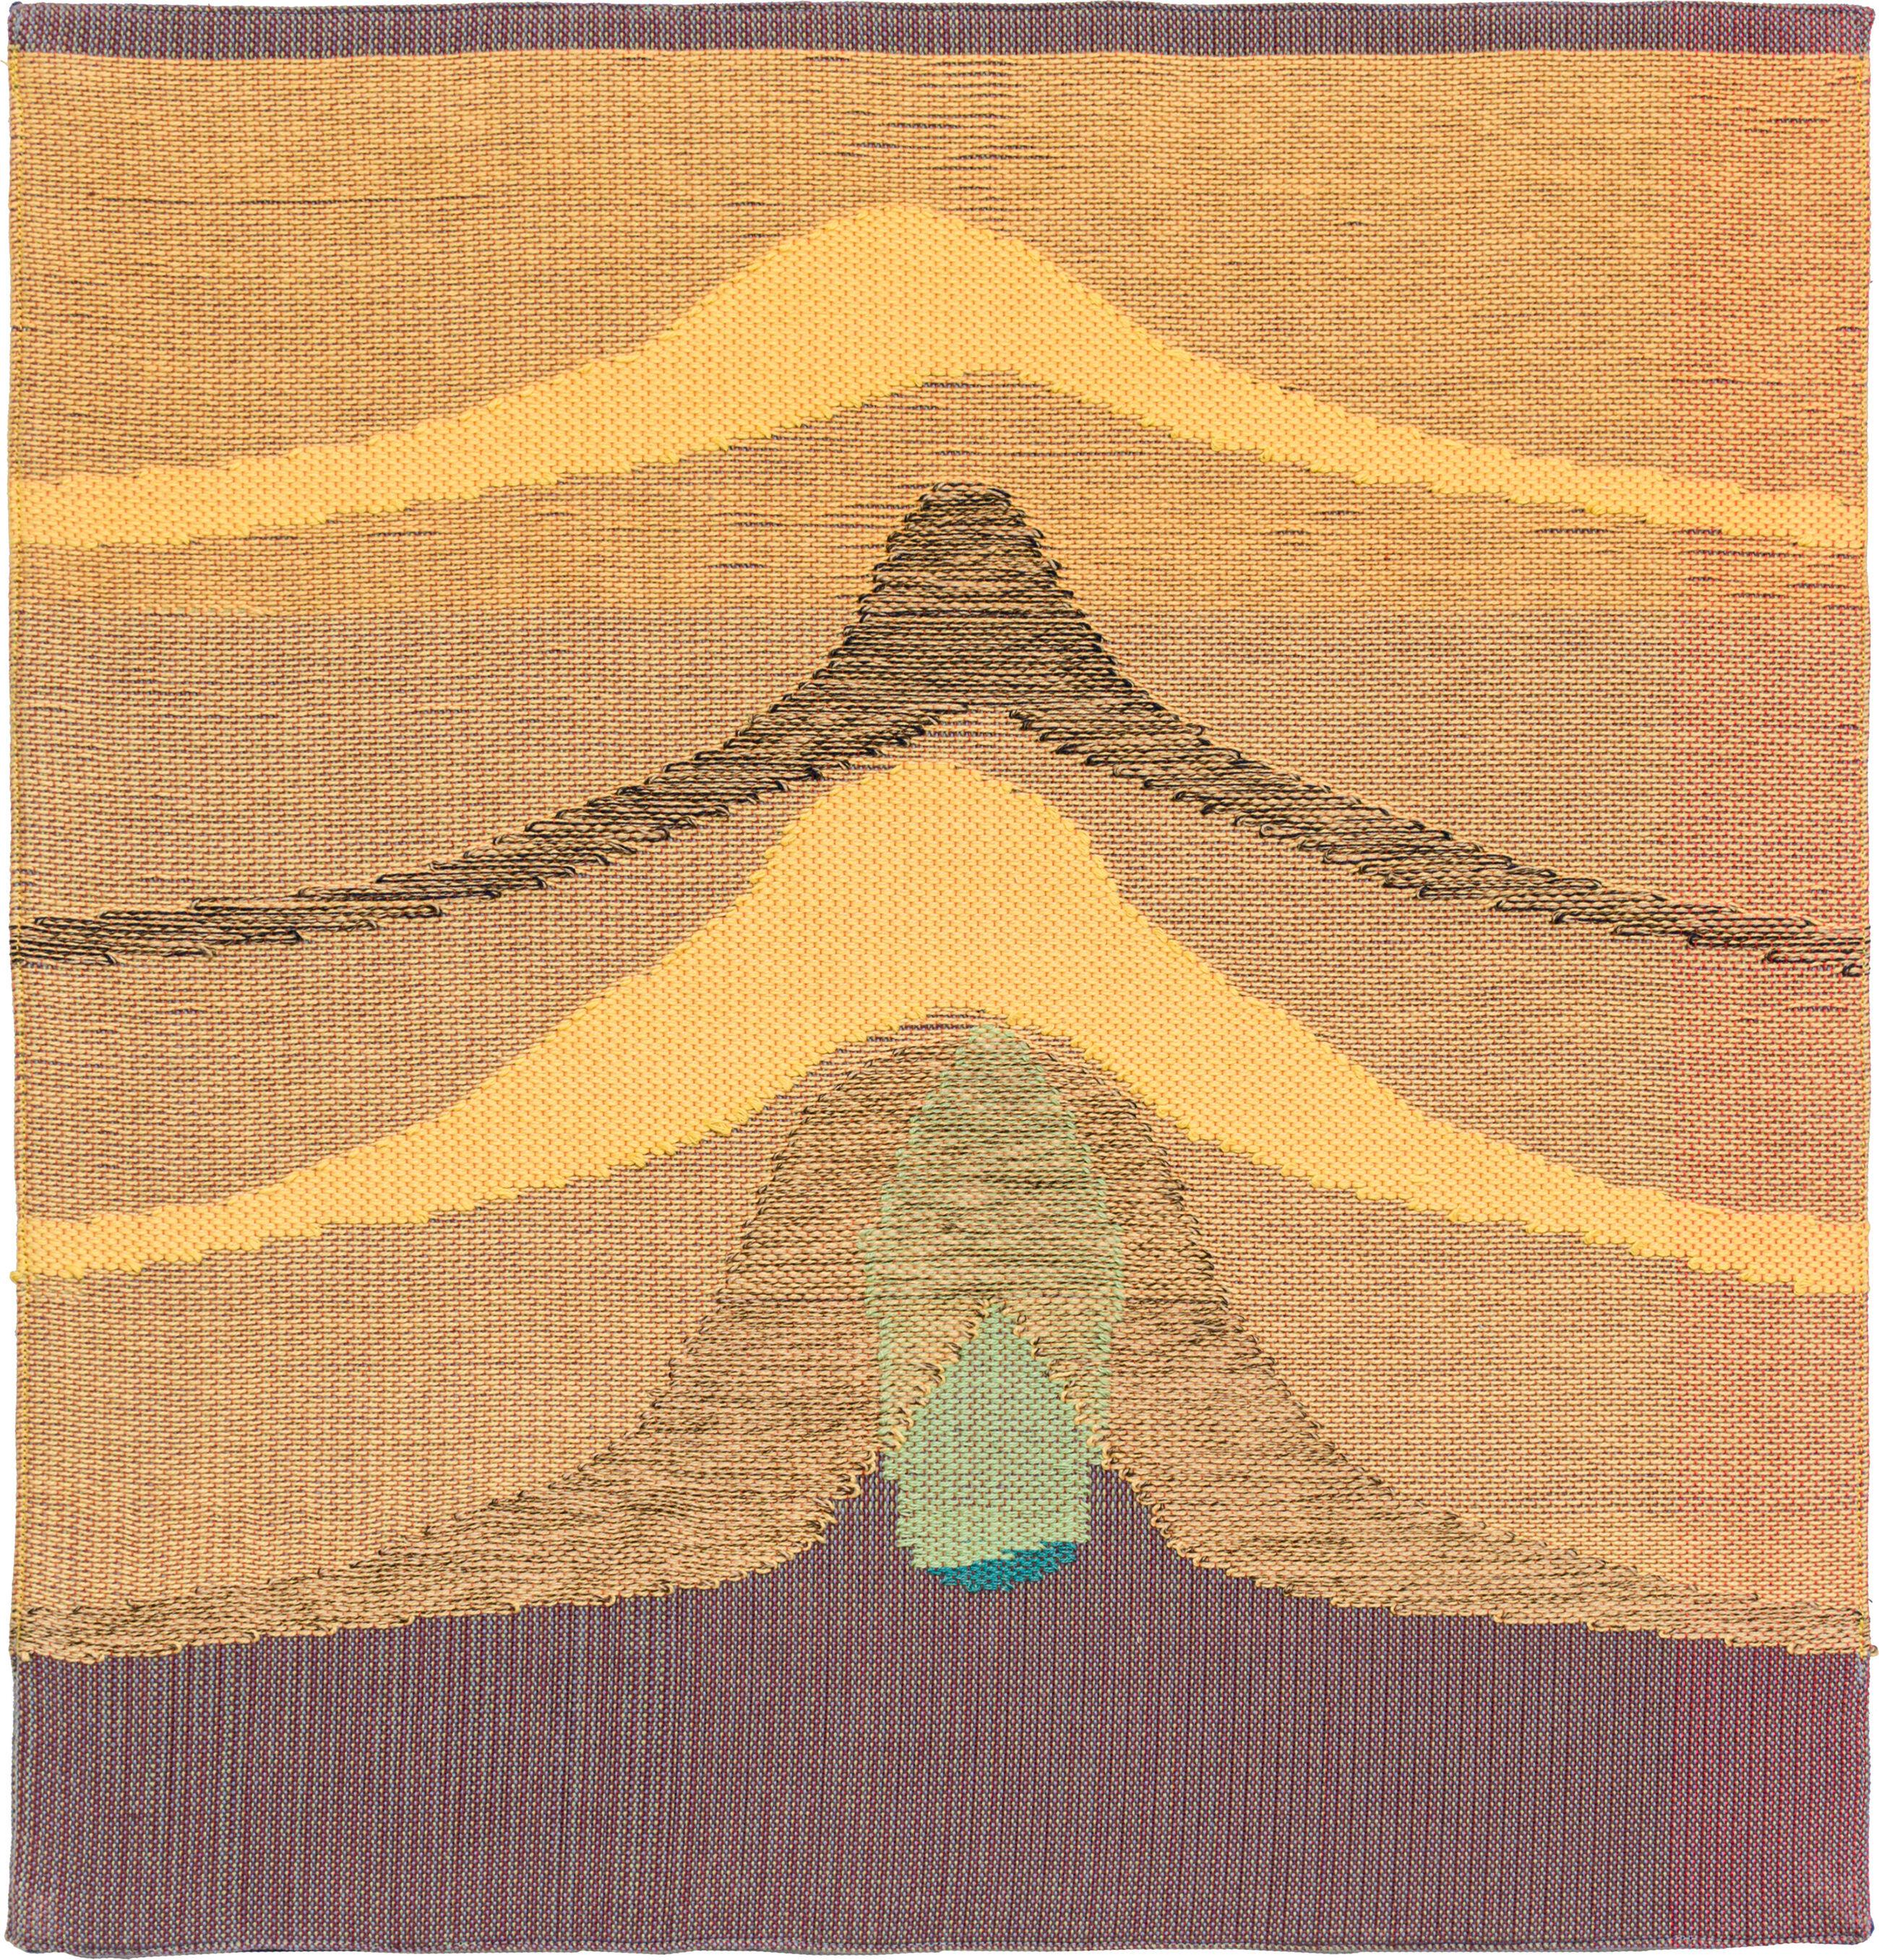 miranda fengyuan zhang sand dunes